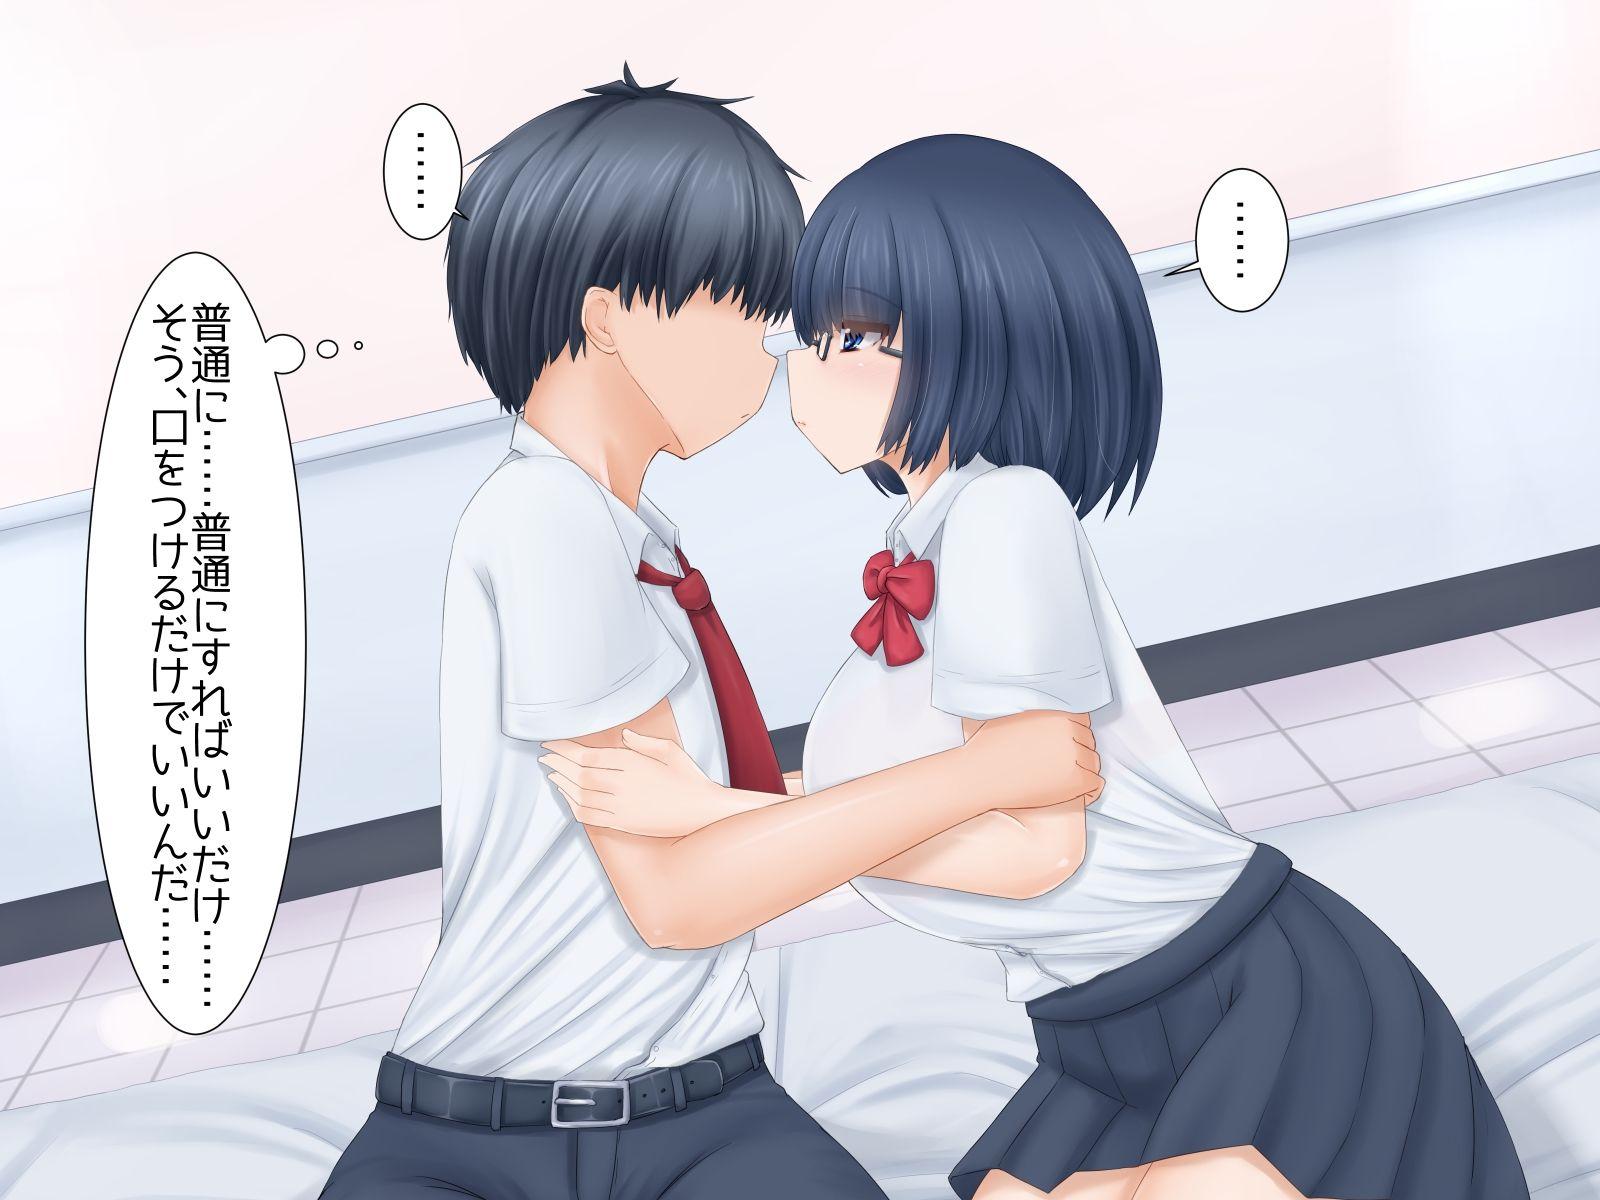 サンプル画像1:実技セックスがある学園(リリス・クロノス) [d_207680]